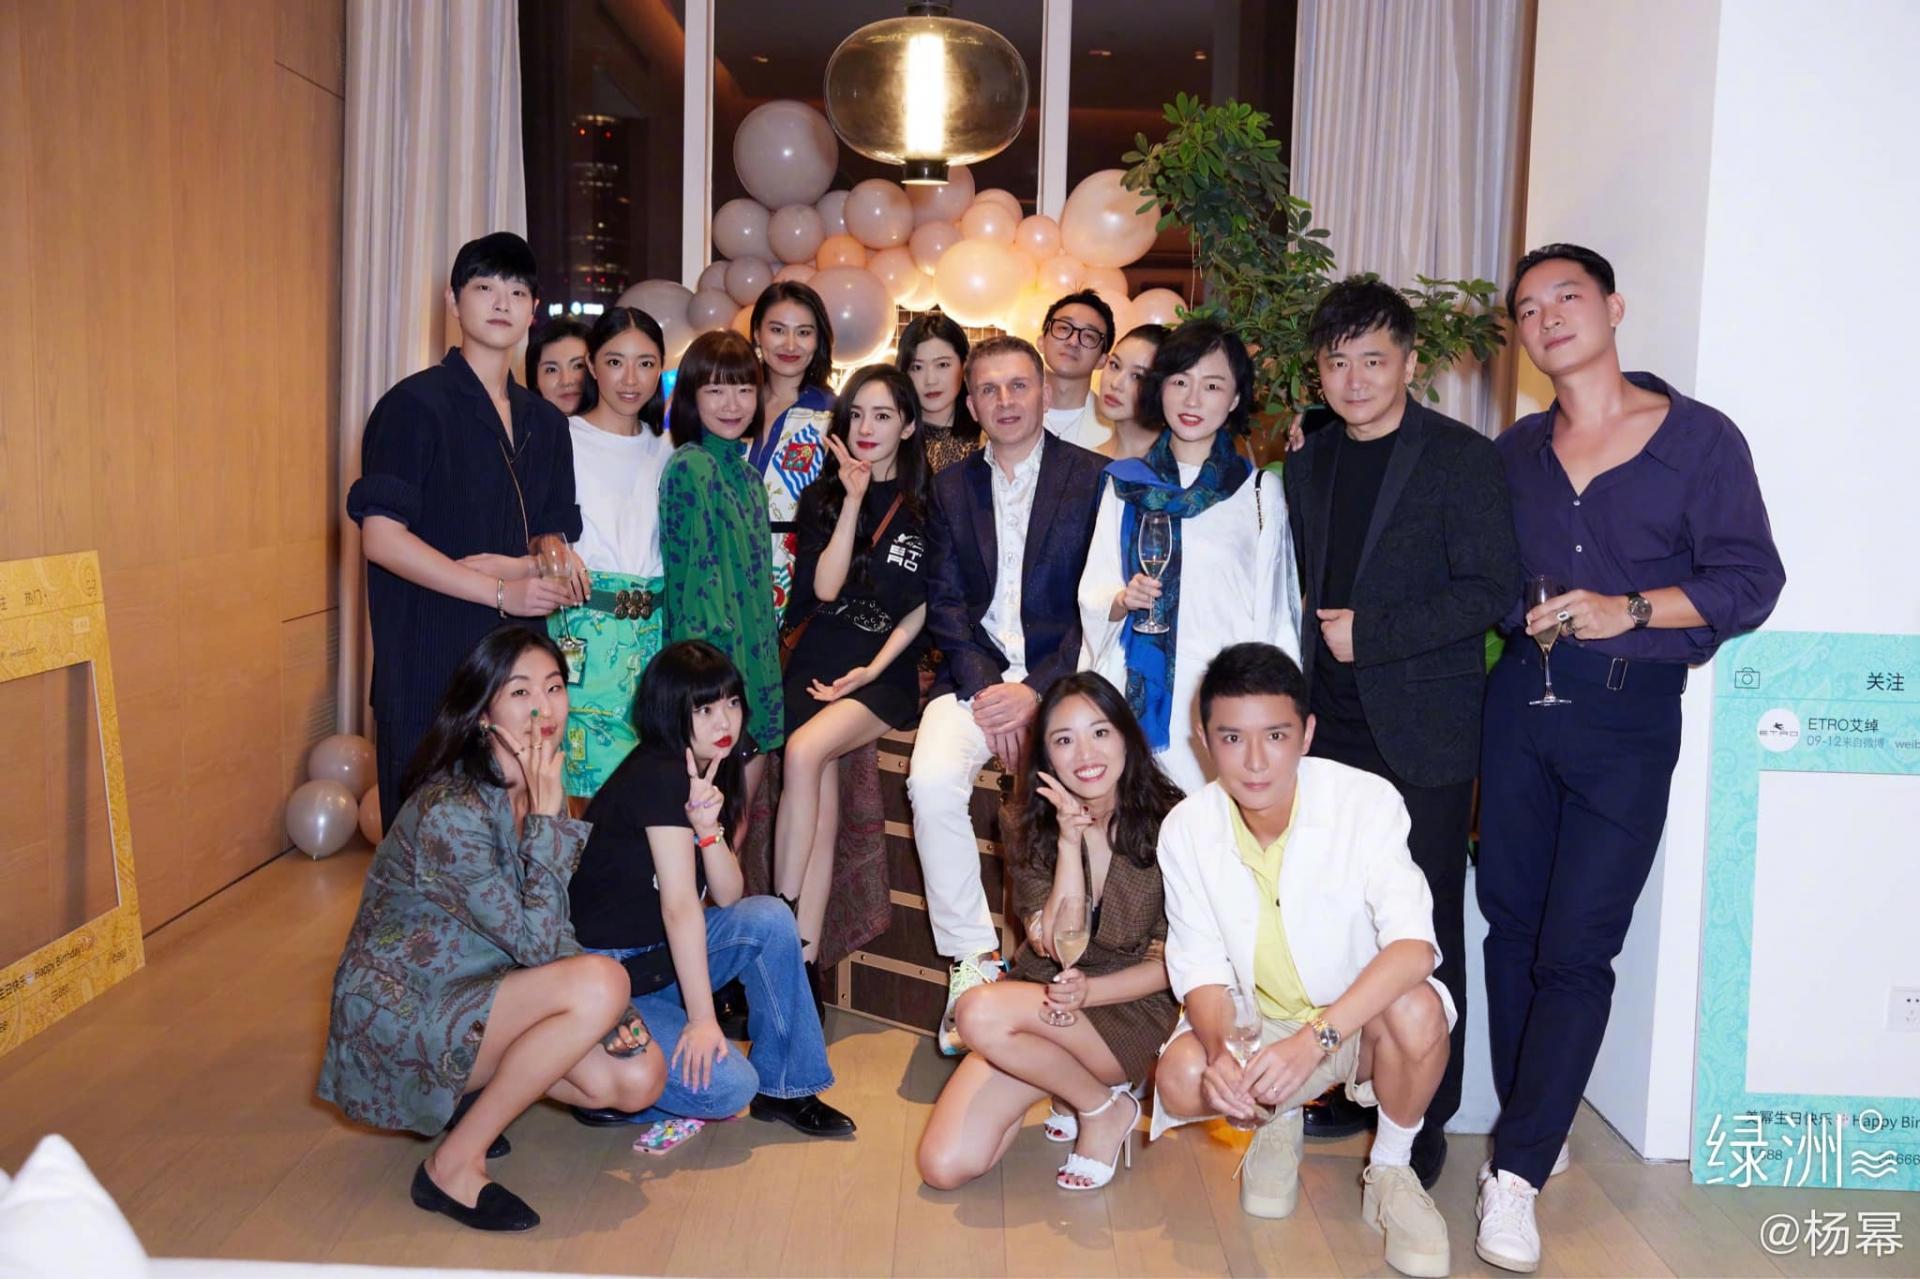 Sinh nhật tuổi 35 của Dương Mịch: Người hồ hởi chúc mừng, kẻ nhân cơ hội 'bỉ bôi', chồng cũ hóa người dưng 1